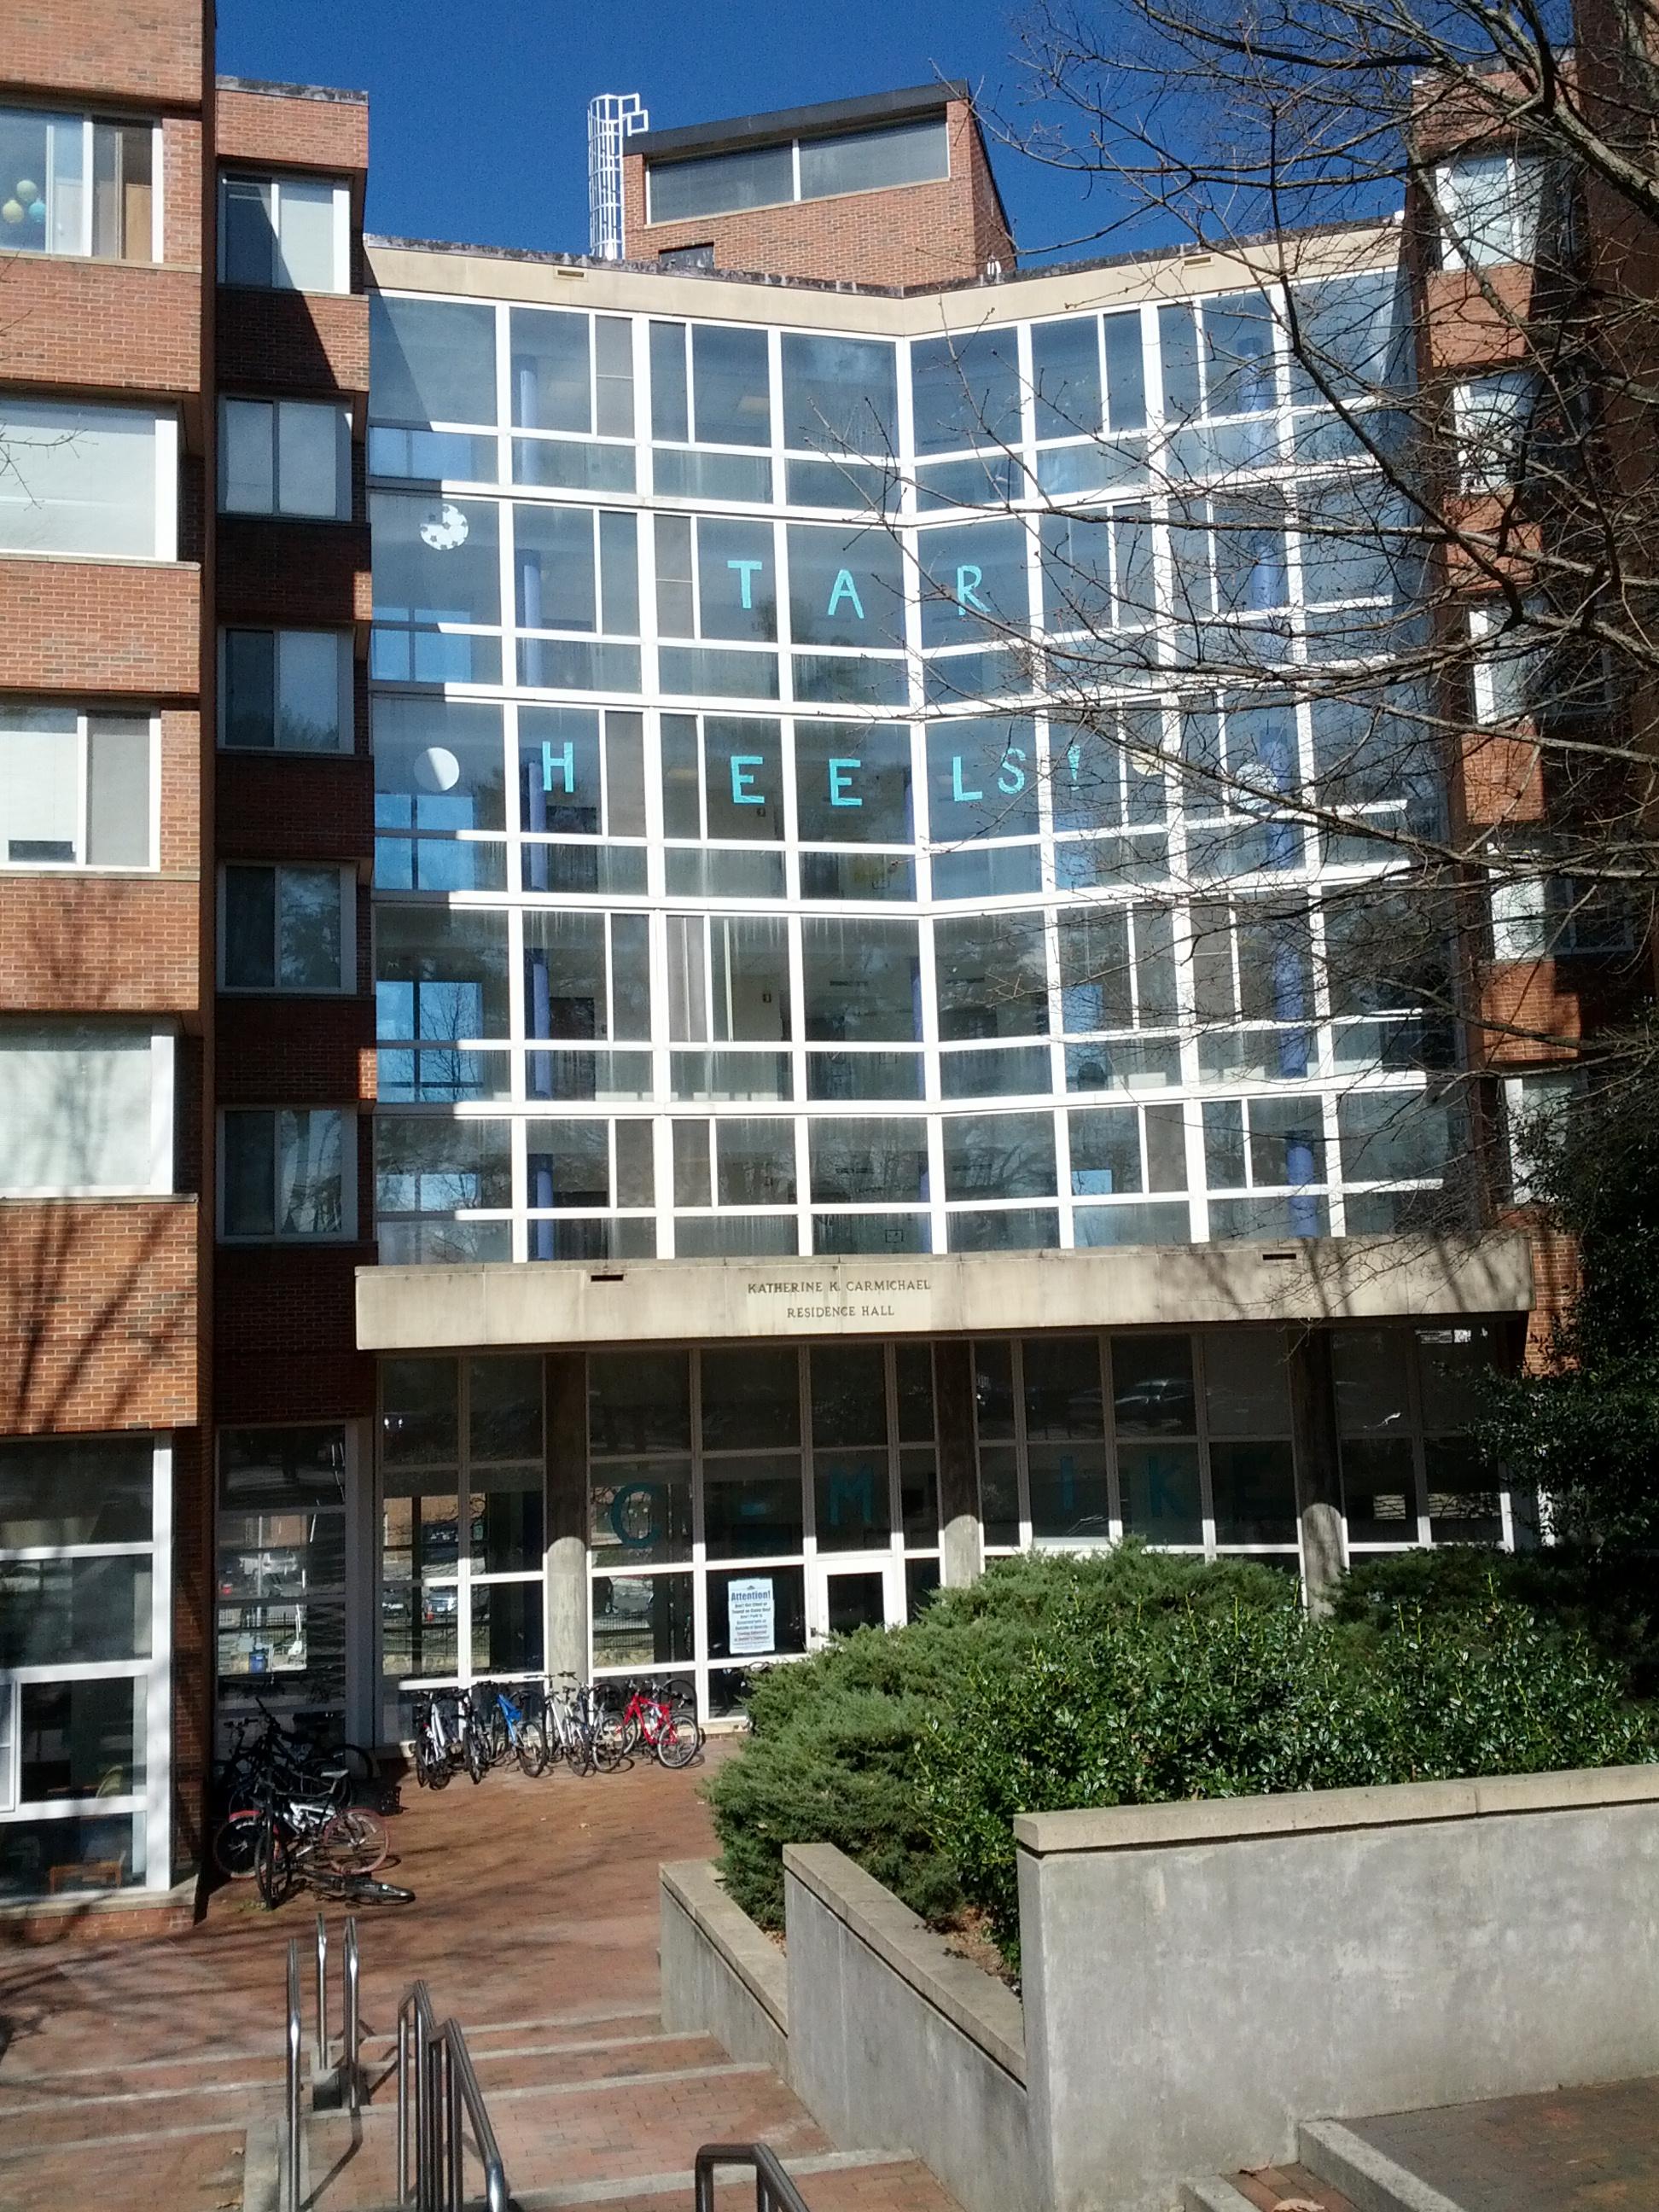 university of north carolina at chapel hill student housing - wikiwand